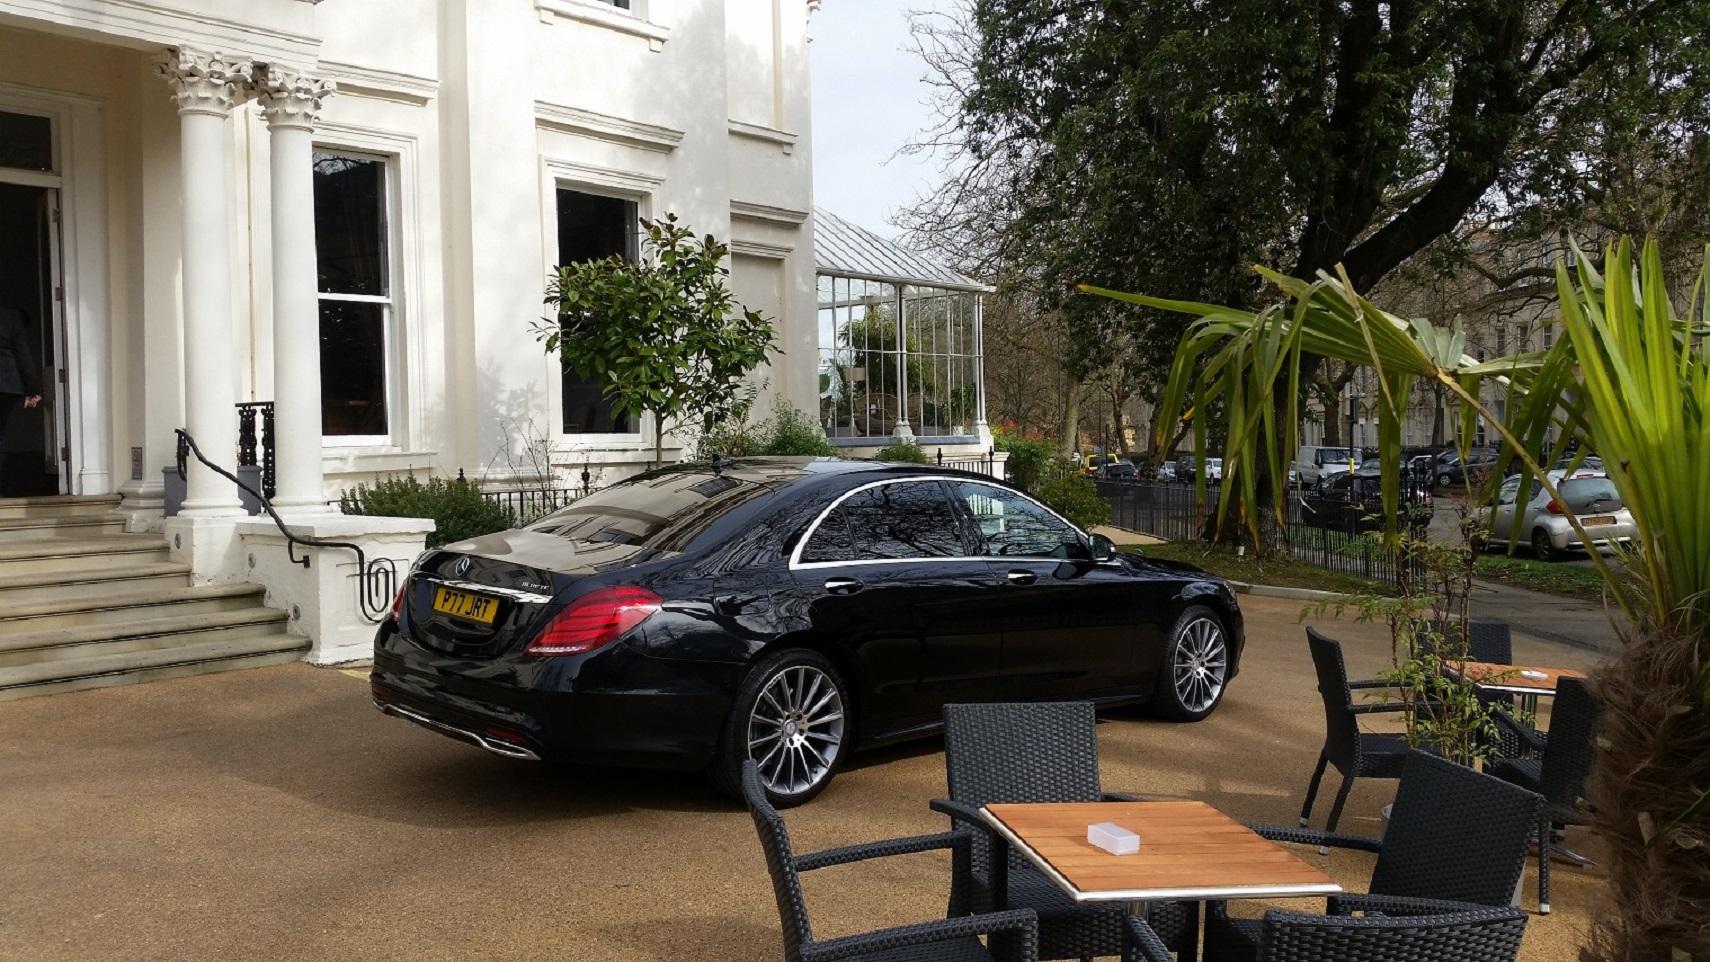 JONNY-ROCKS Luxury Chauffeurs